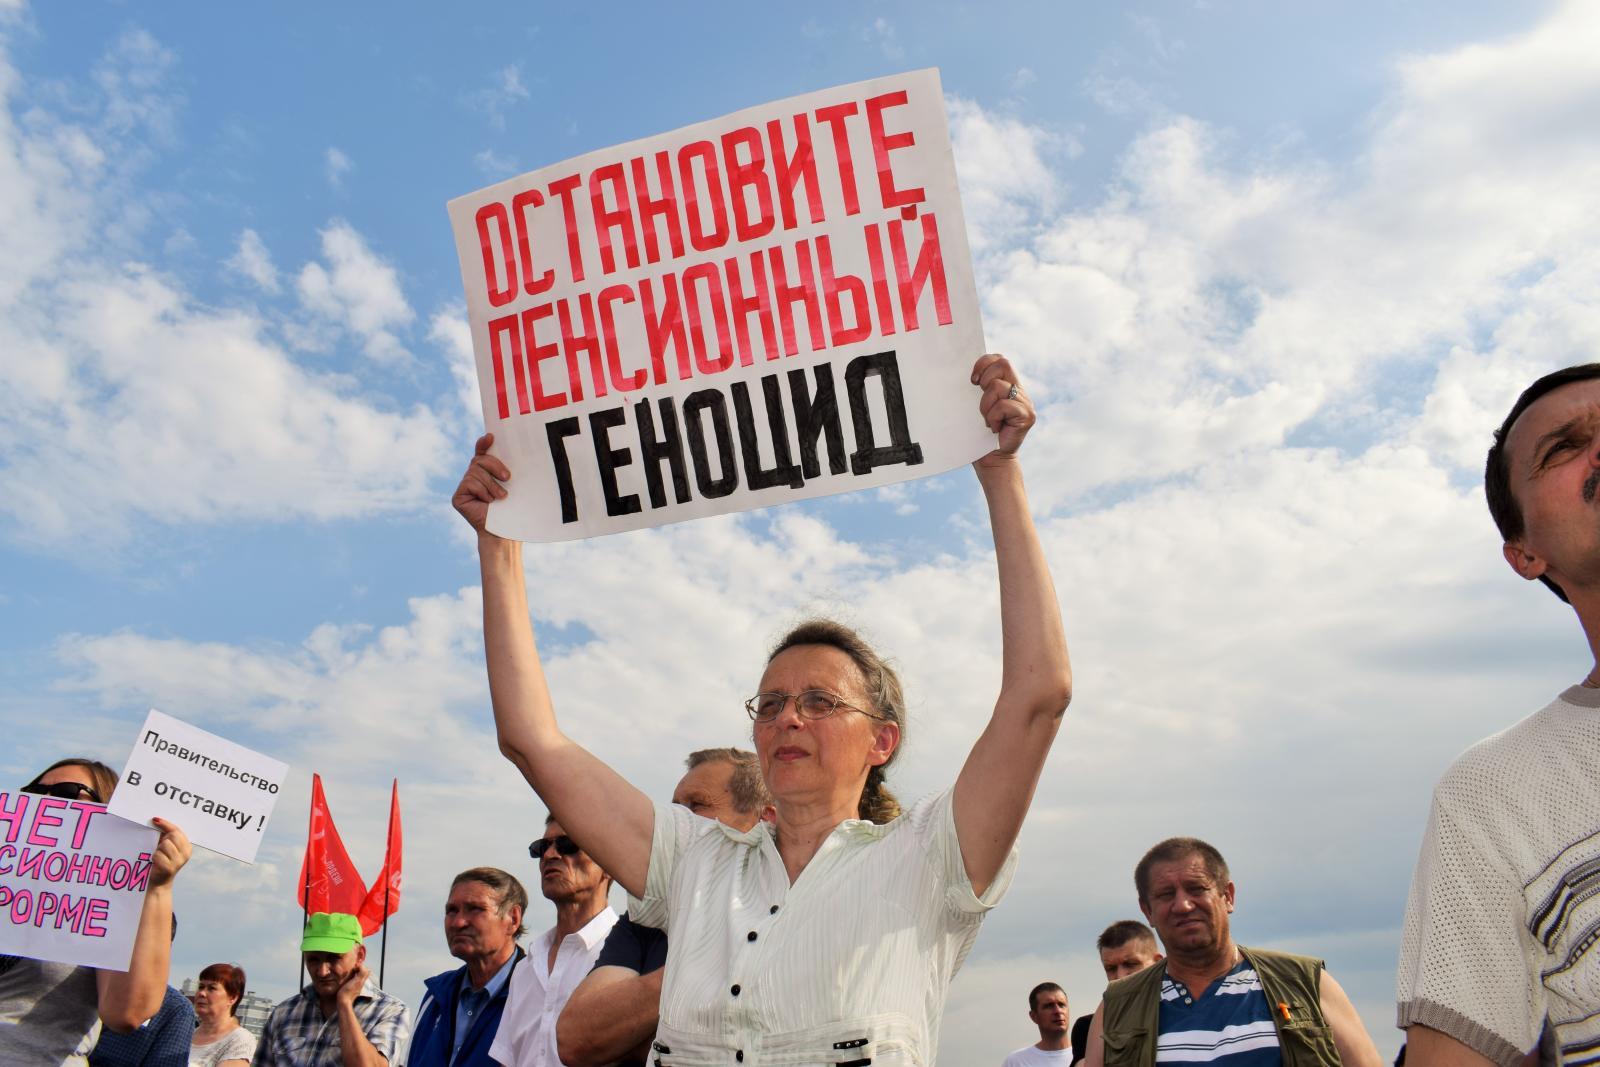 Около 500 брянцев собрались на митинг против пенсионной реформы